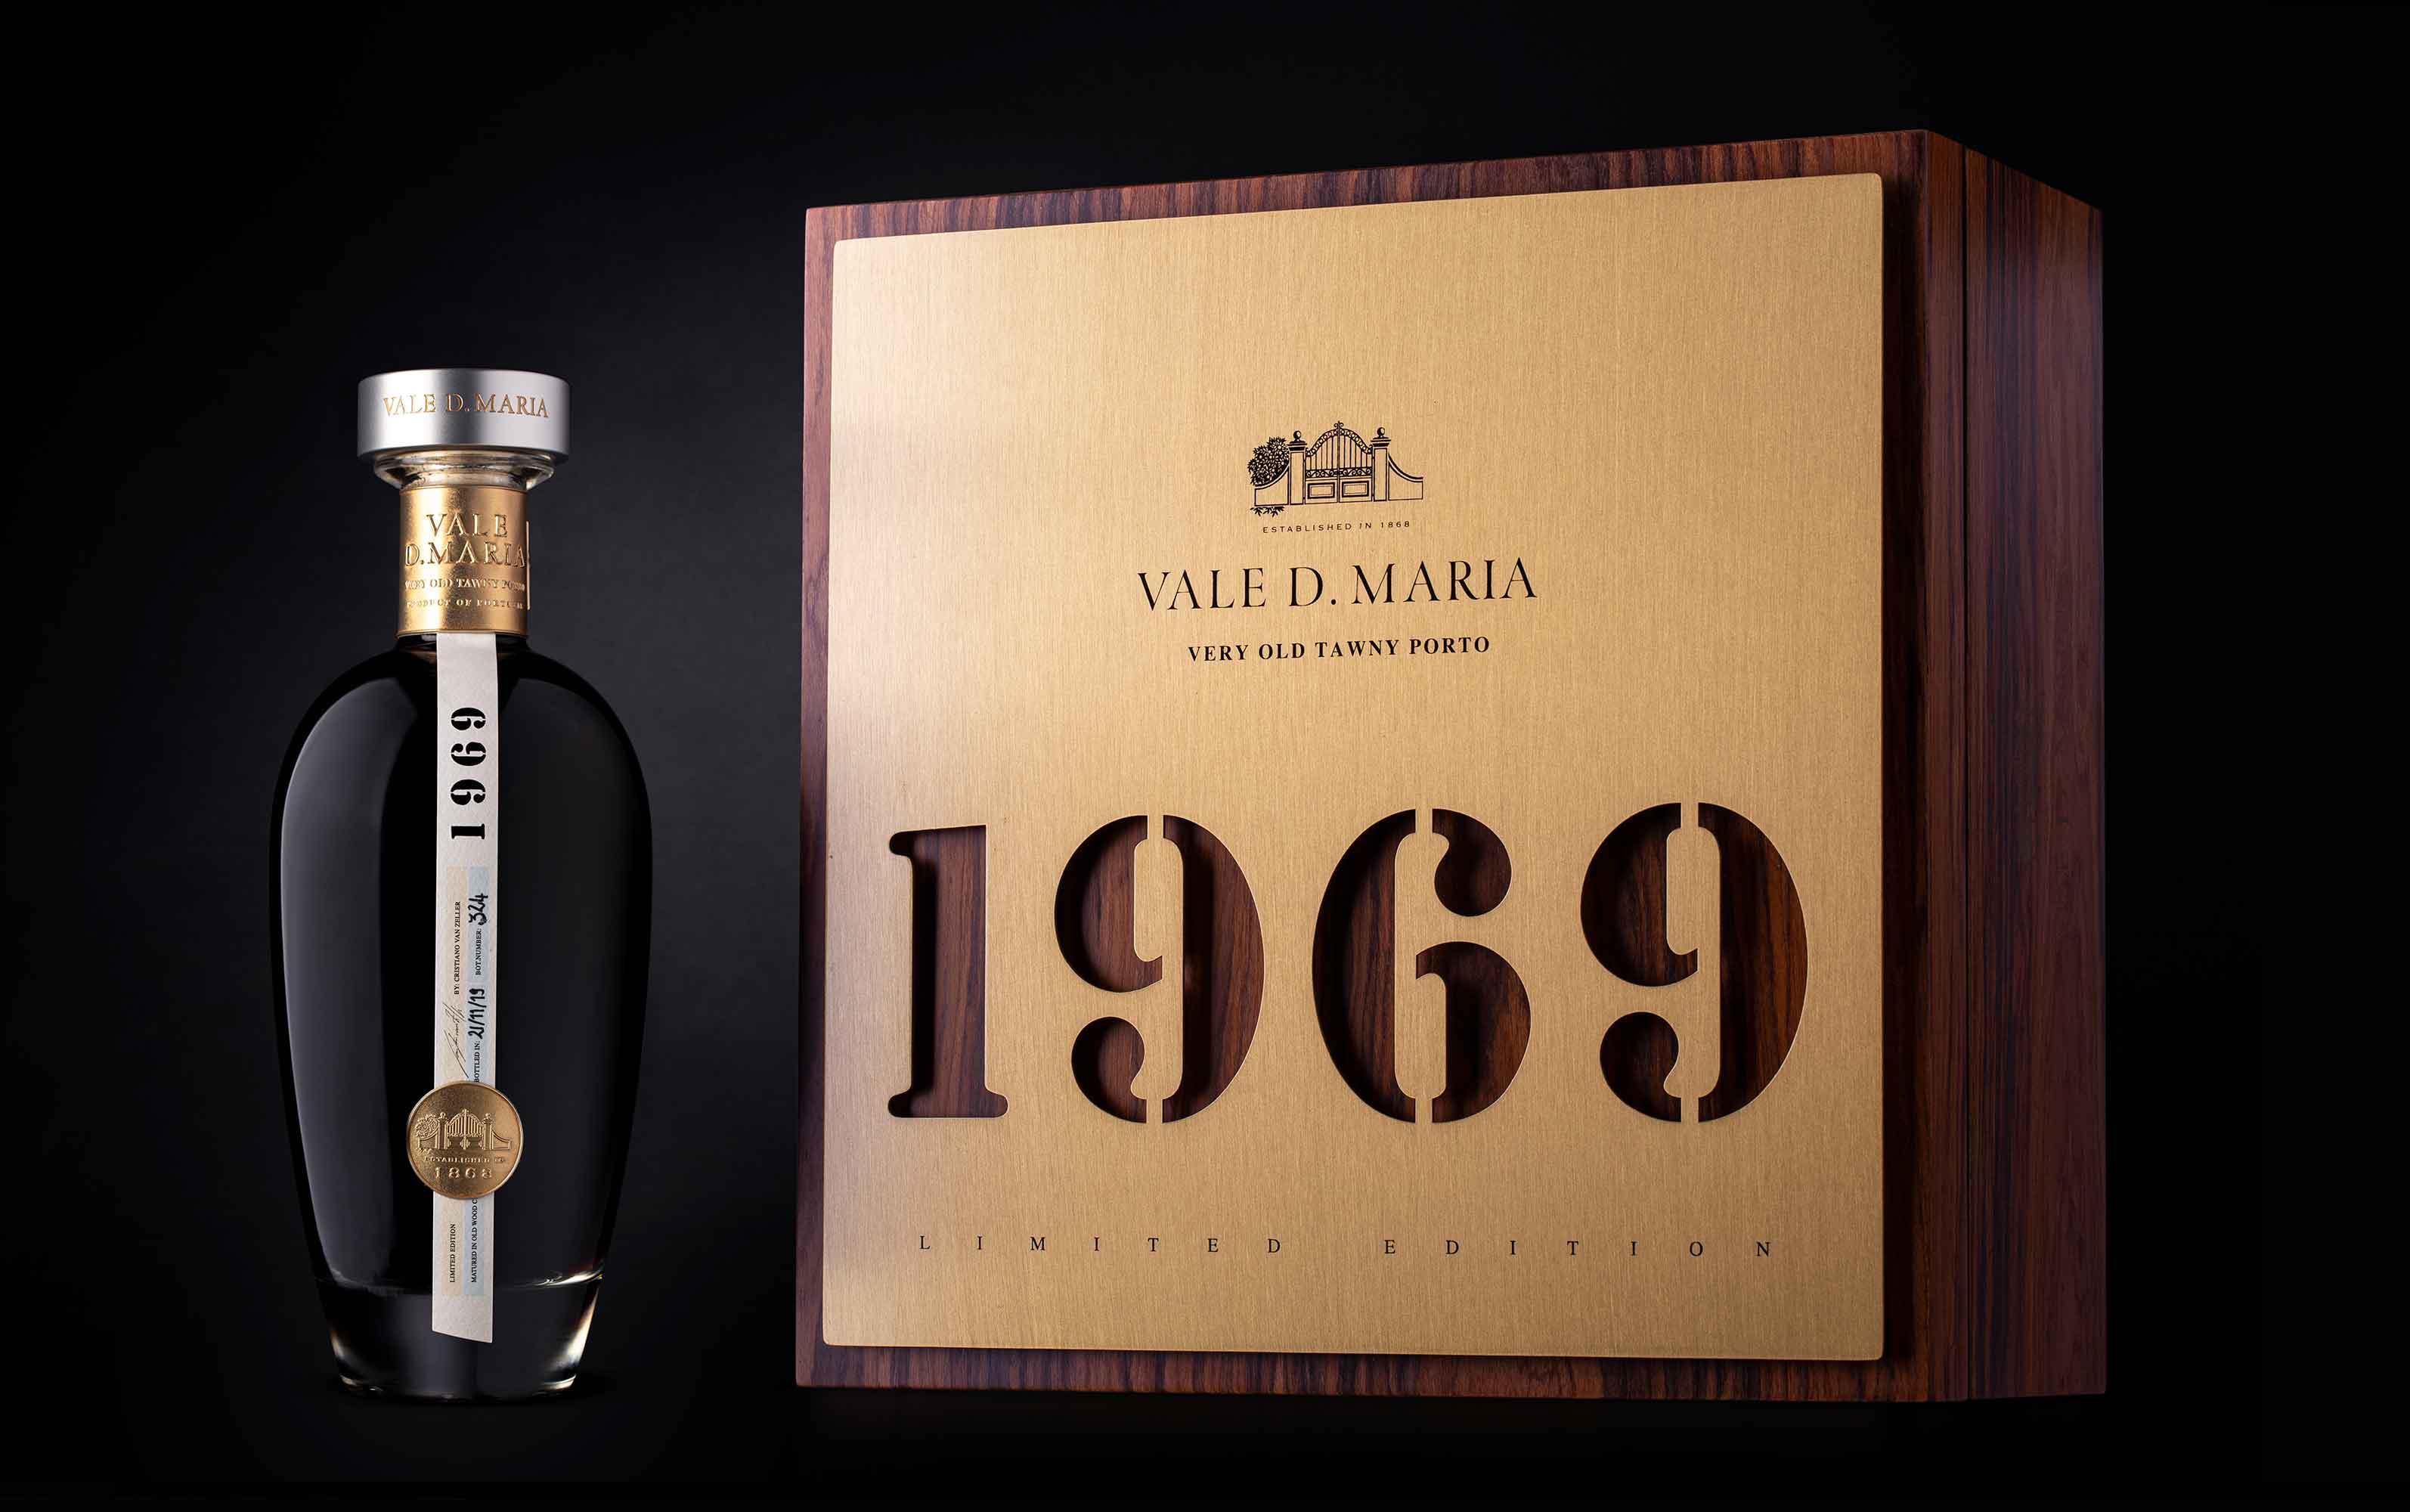 quinta-valle-d-maria-1969-8